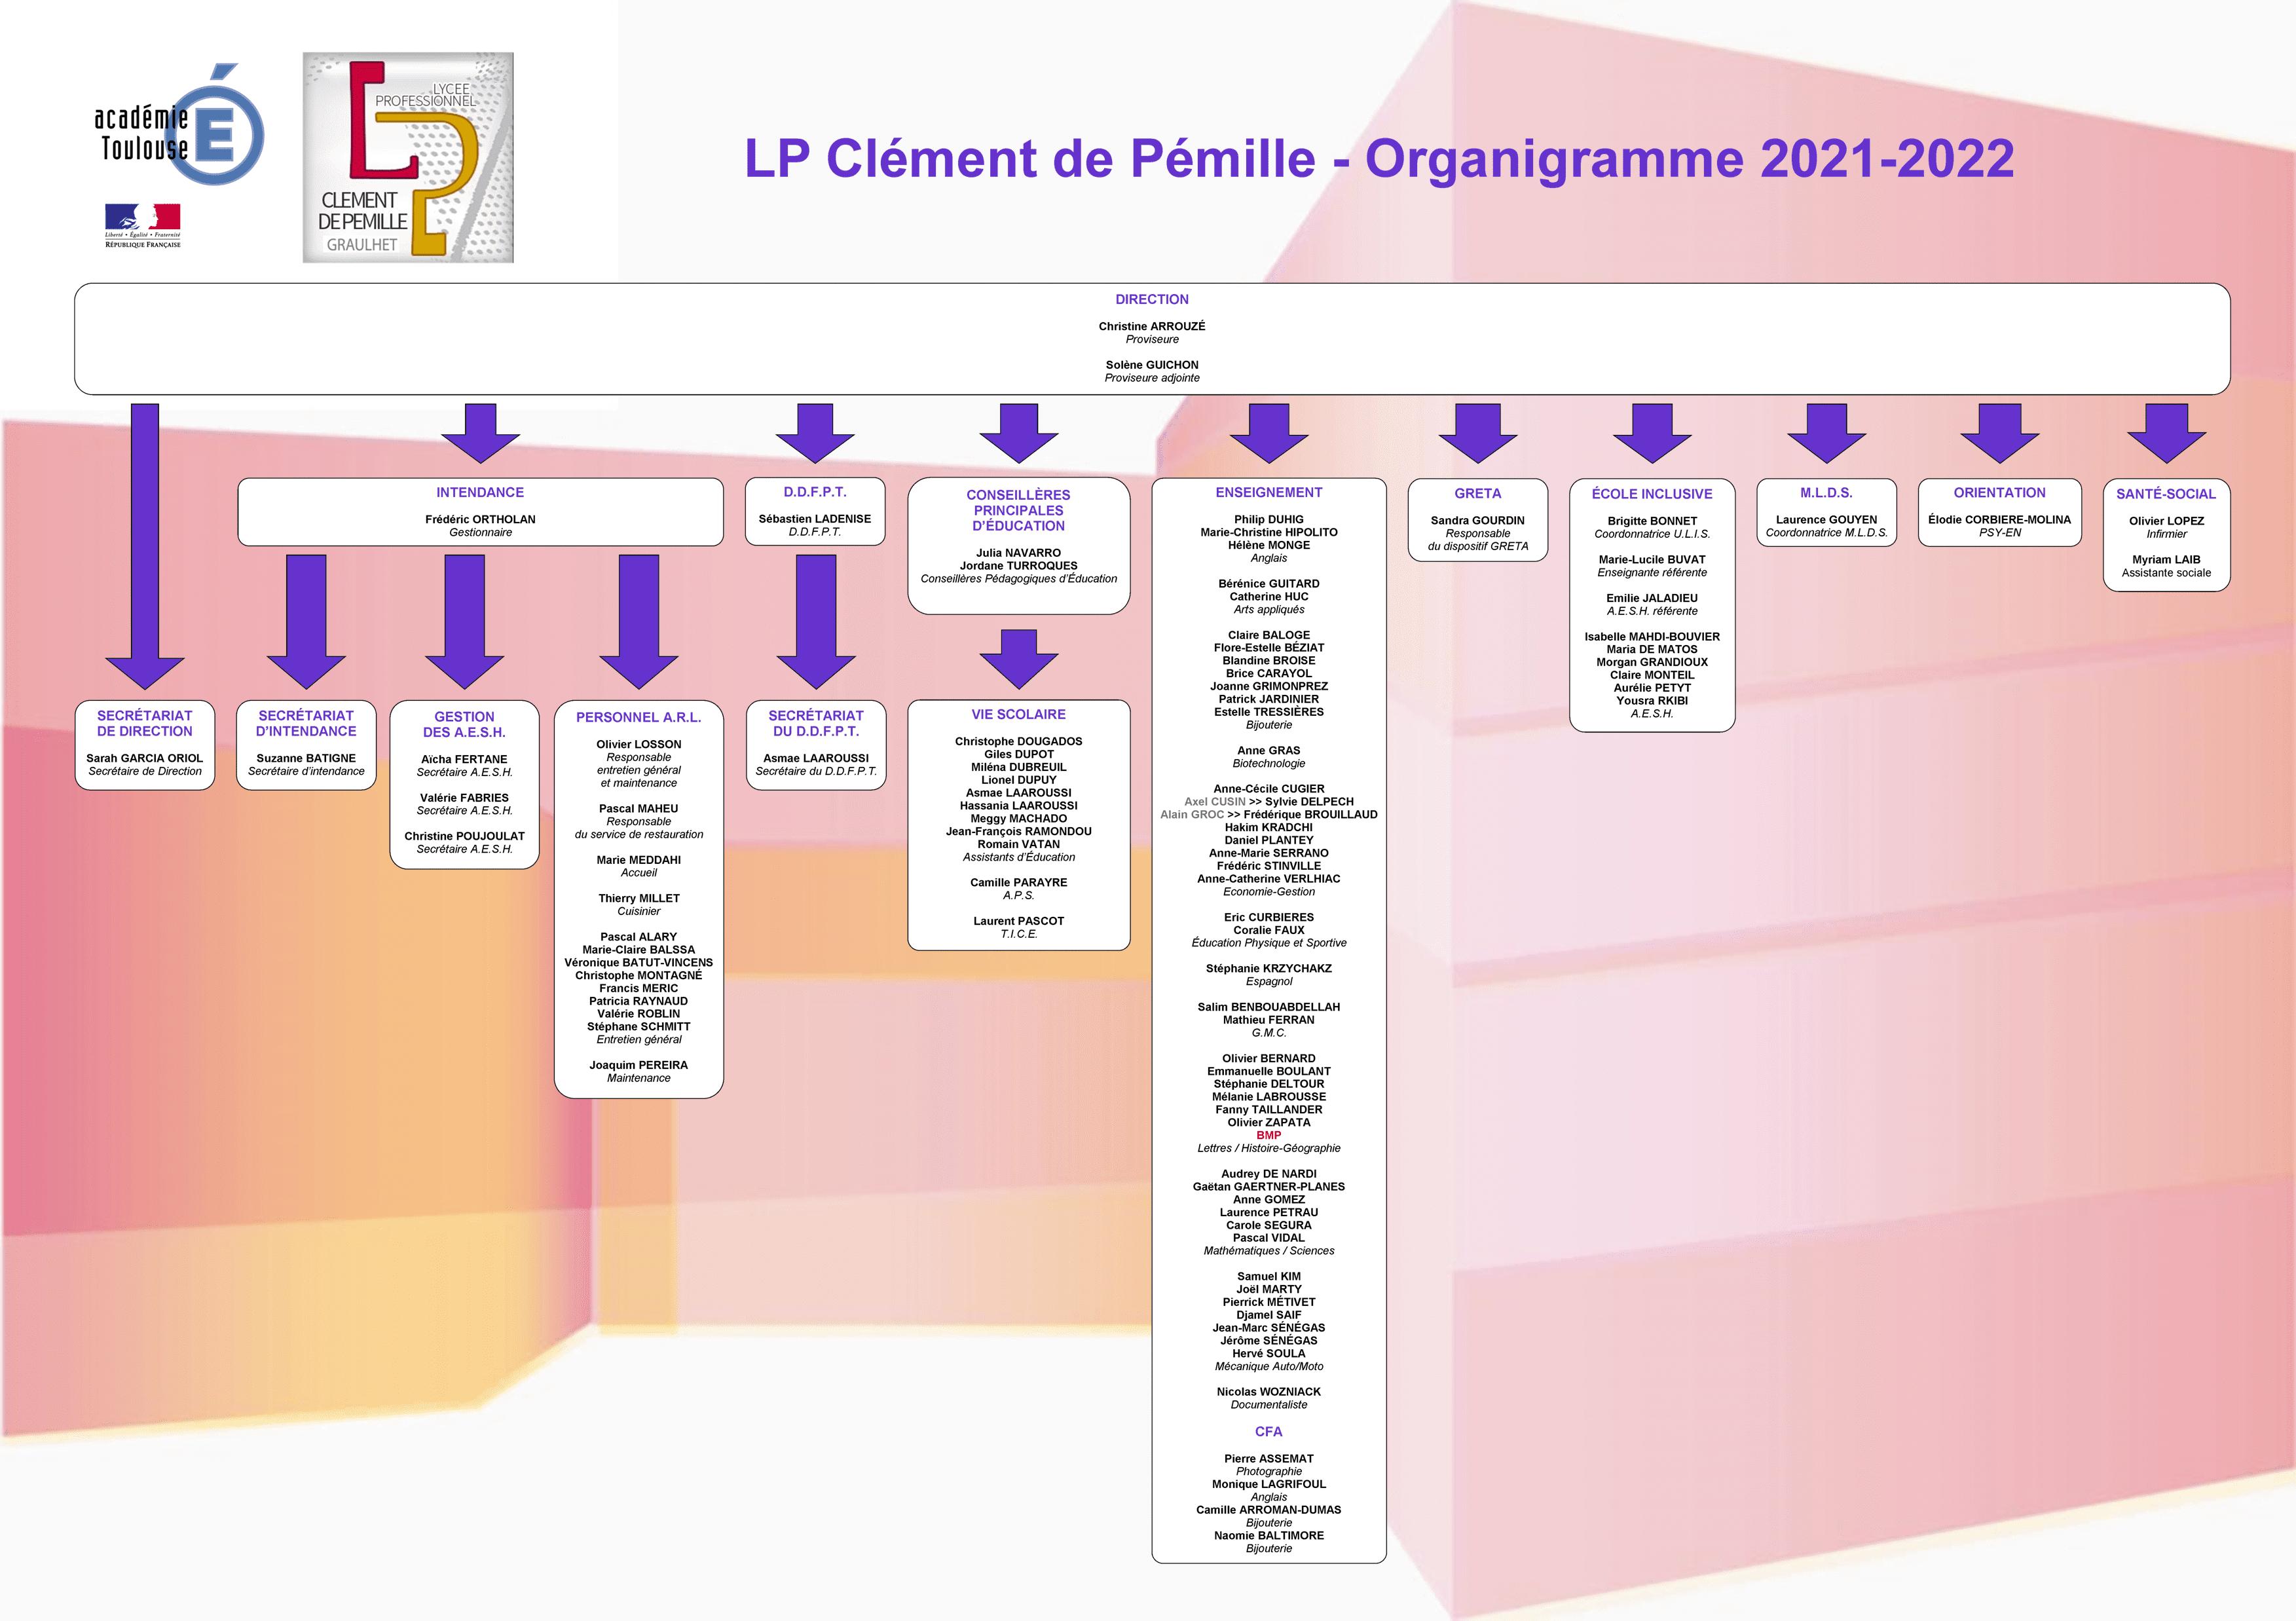 Organigramme 2021-2022